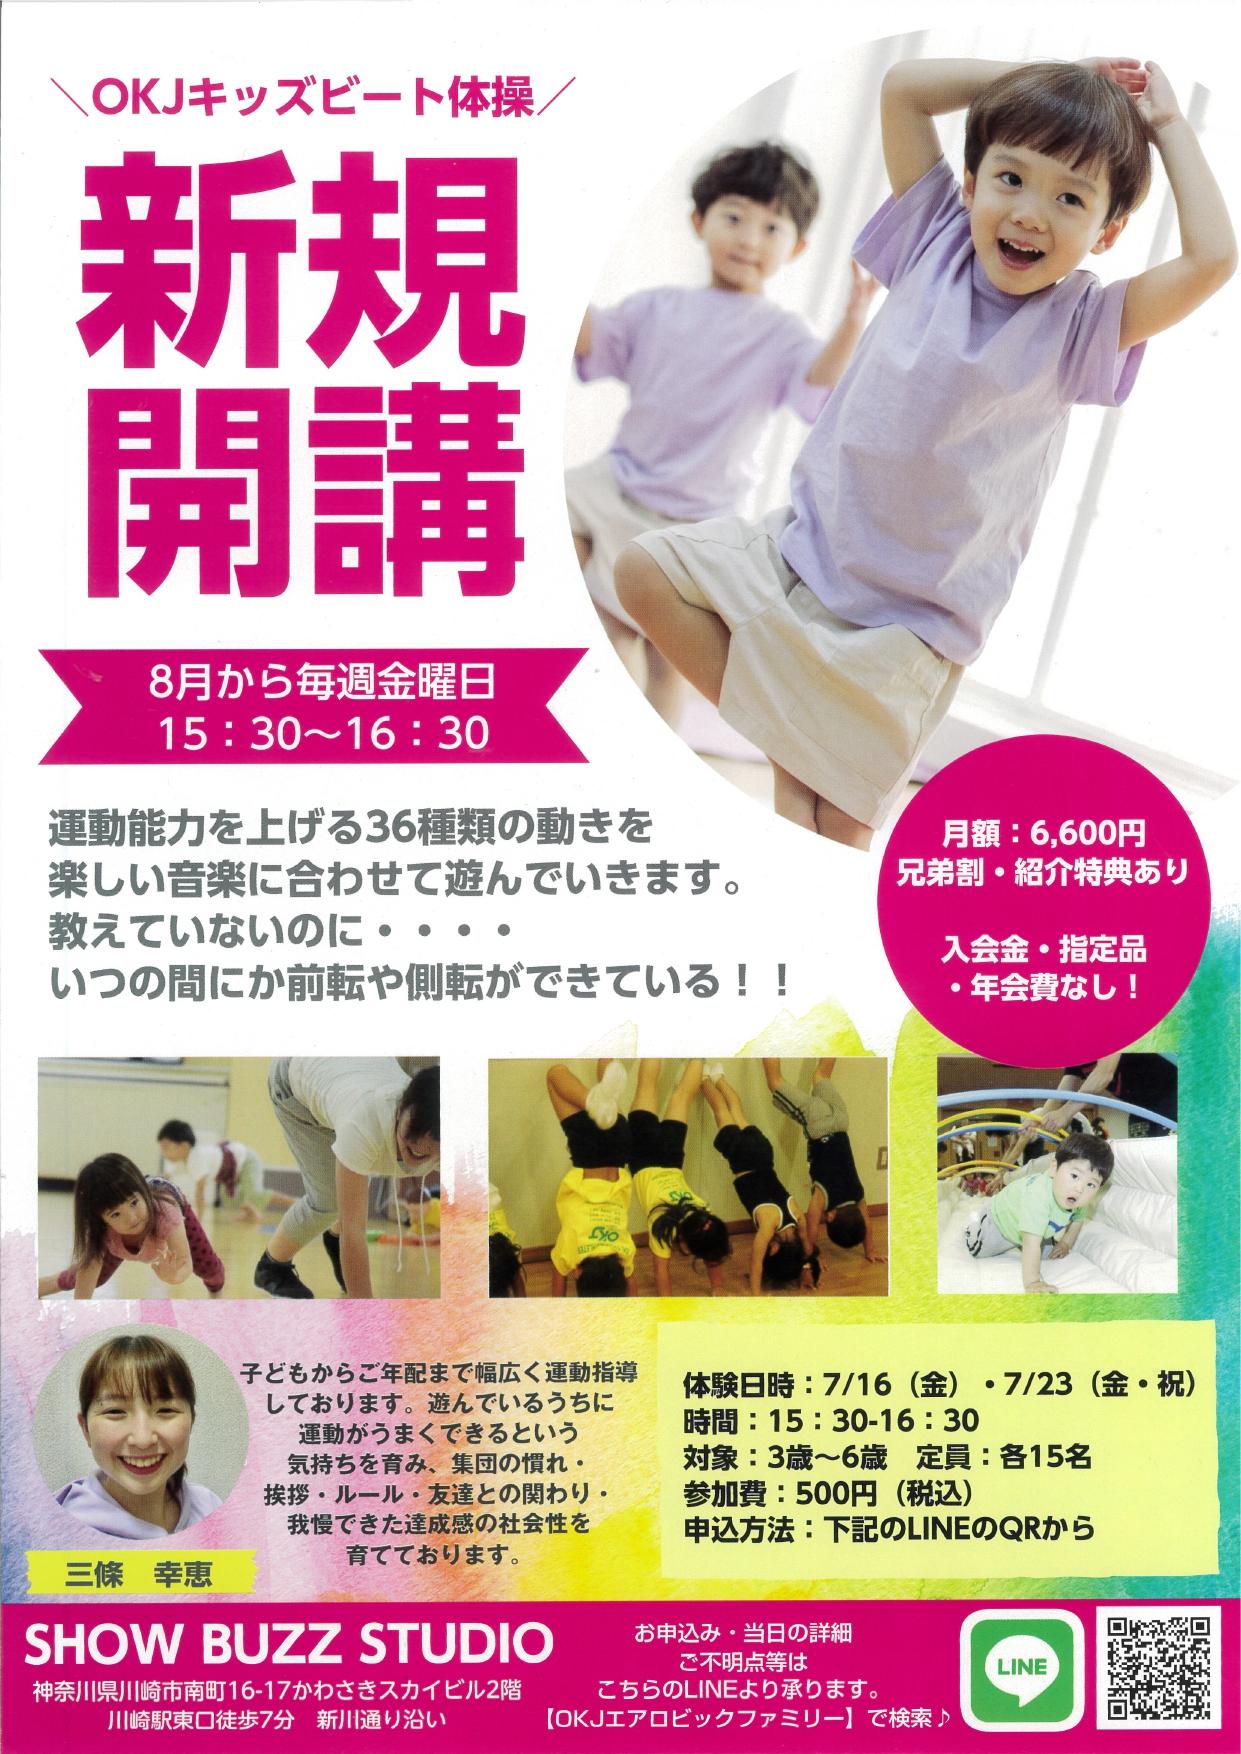 キッズビート体操体験会 こども体操 川崎 レンタルスタジオ